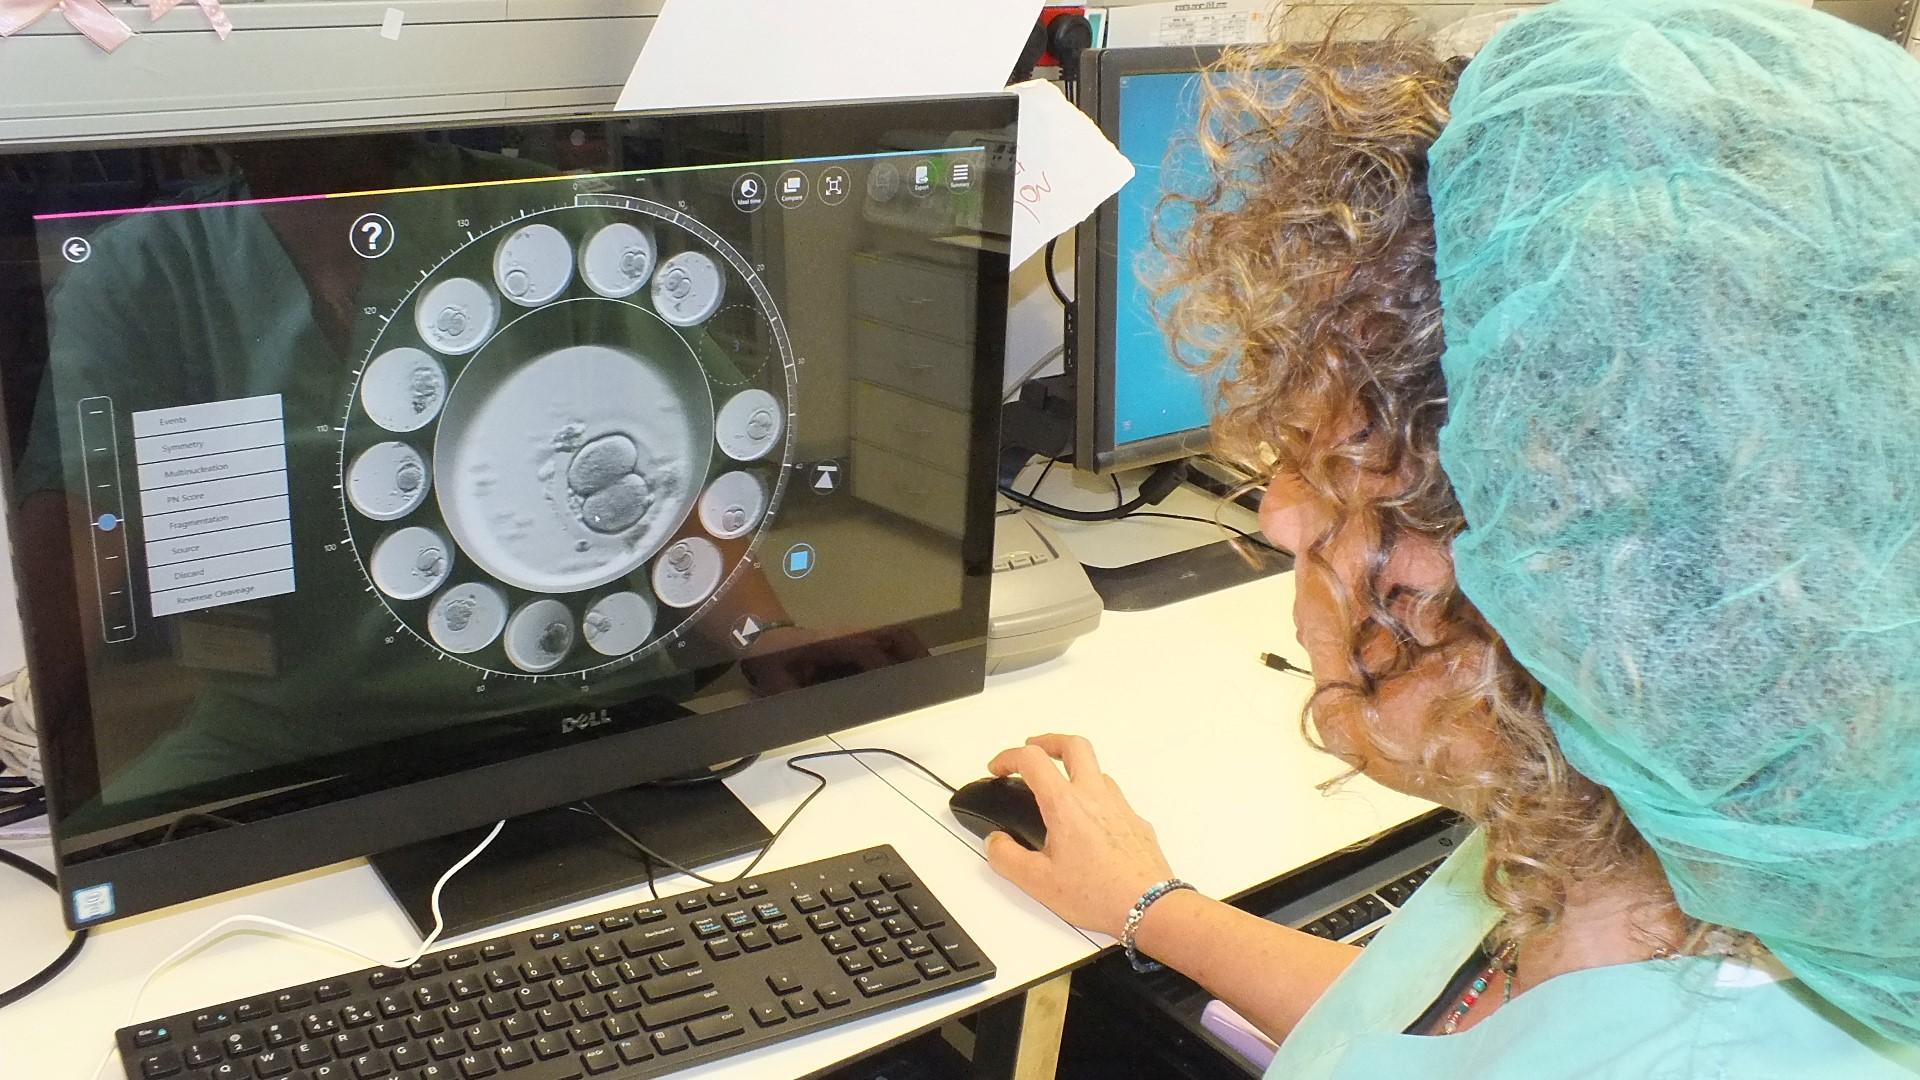 האמבריוסקופ Time lapse ביחידת ה-IVF בפוריה